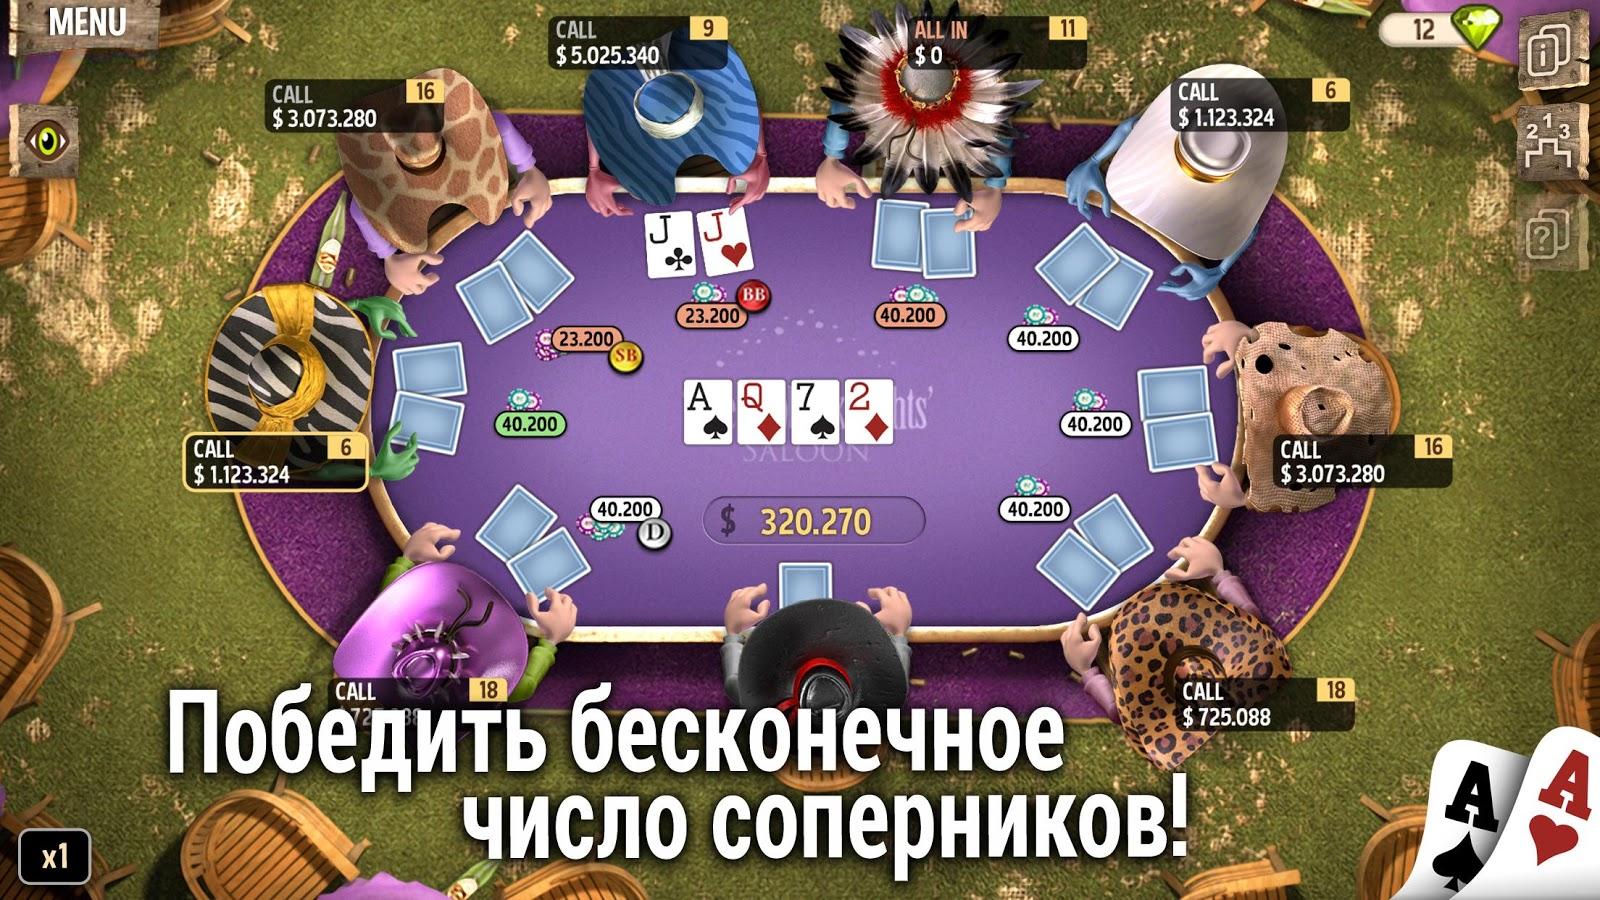 Скачать покер на компьютер бесплатно на русском языке онлайн постоянно вылетает казино вулкан